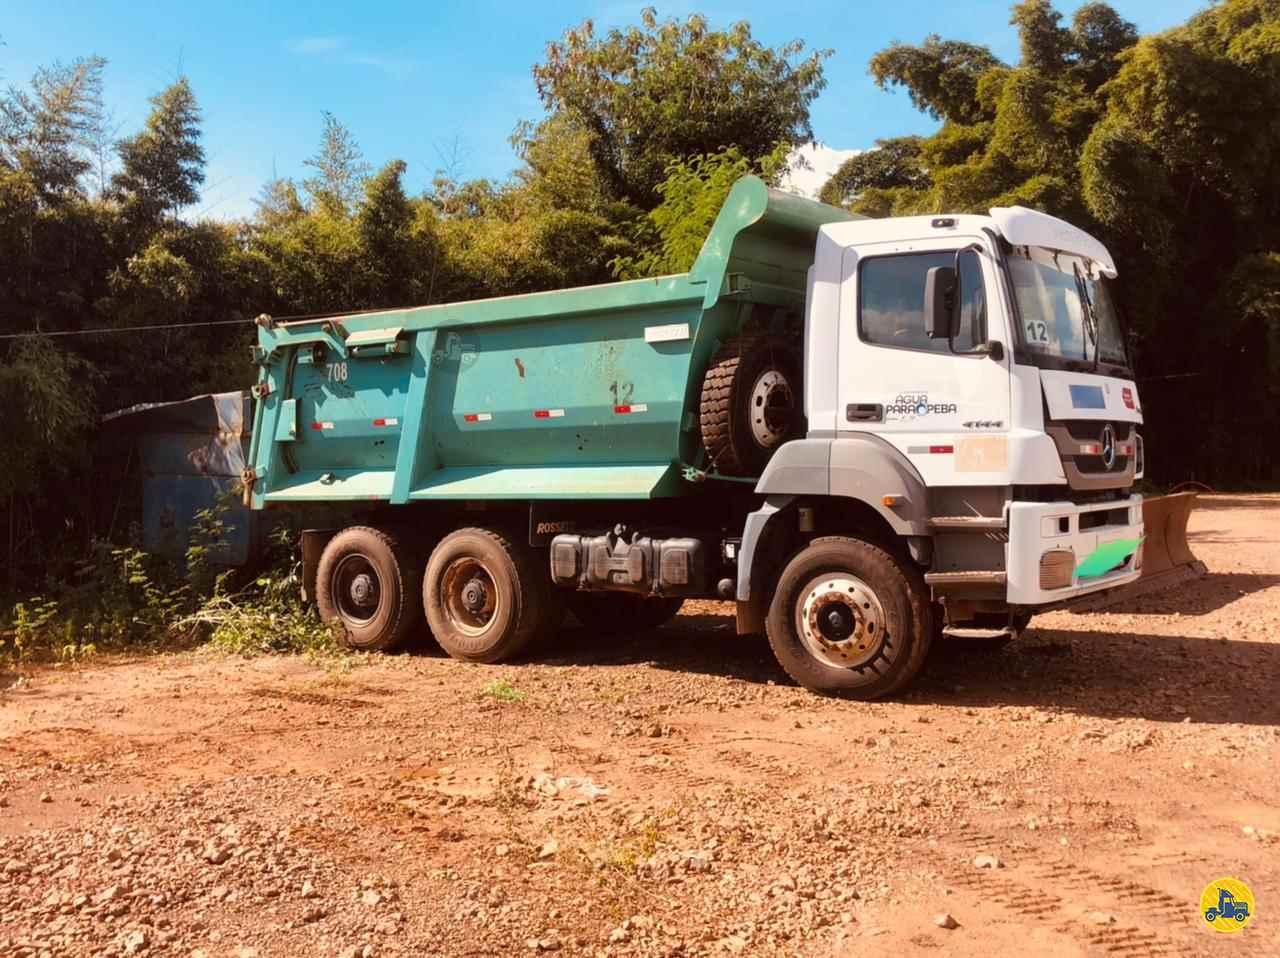 MERCEDES-BENZ MB 3340 123km 2006/2006 Caminhões Certos